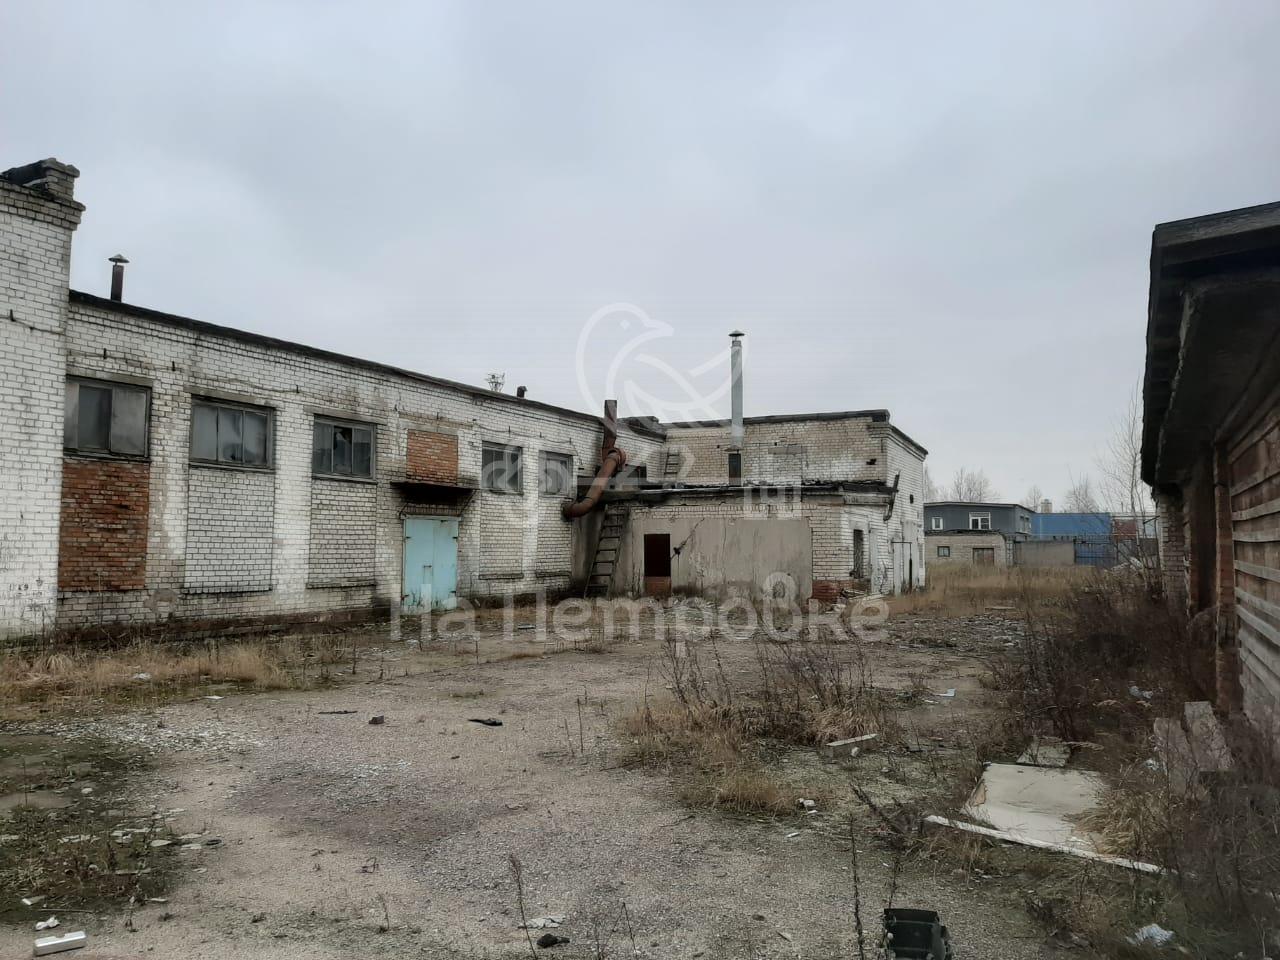 Manufacturing на продажу по адресу Россия, Ярославская область, городской округ Ярославль, Ярославль, 1-й Промышленный проезд, 11